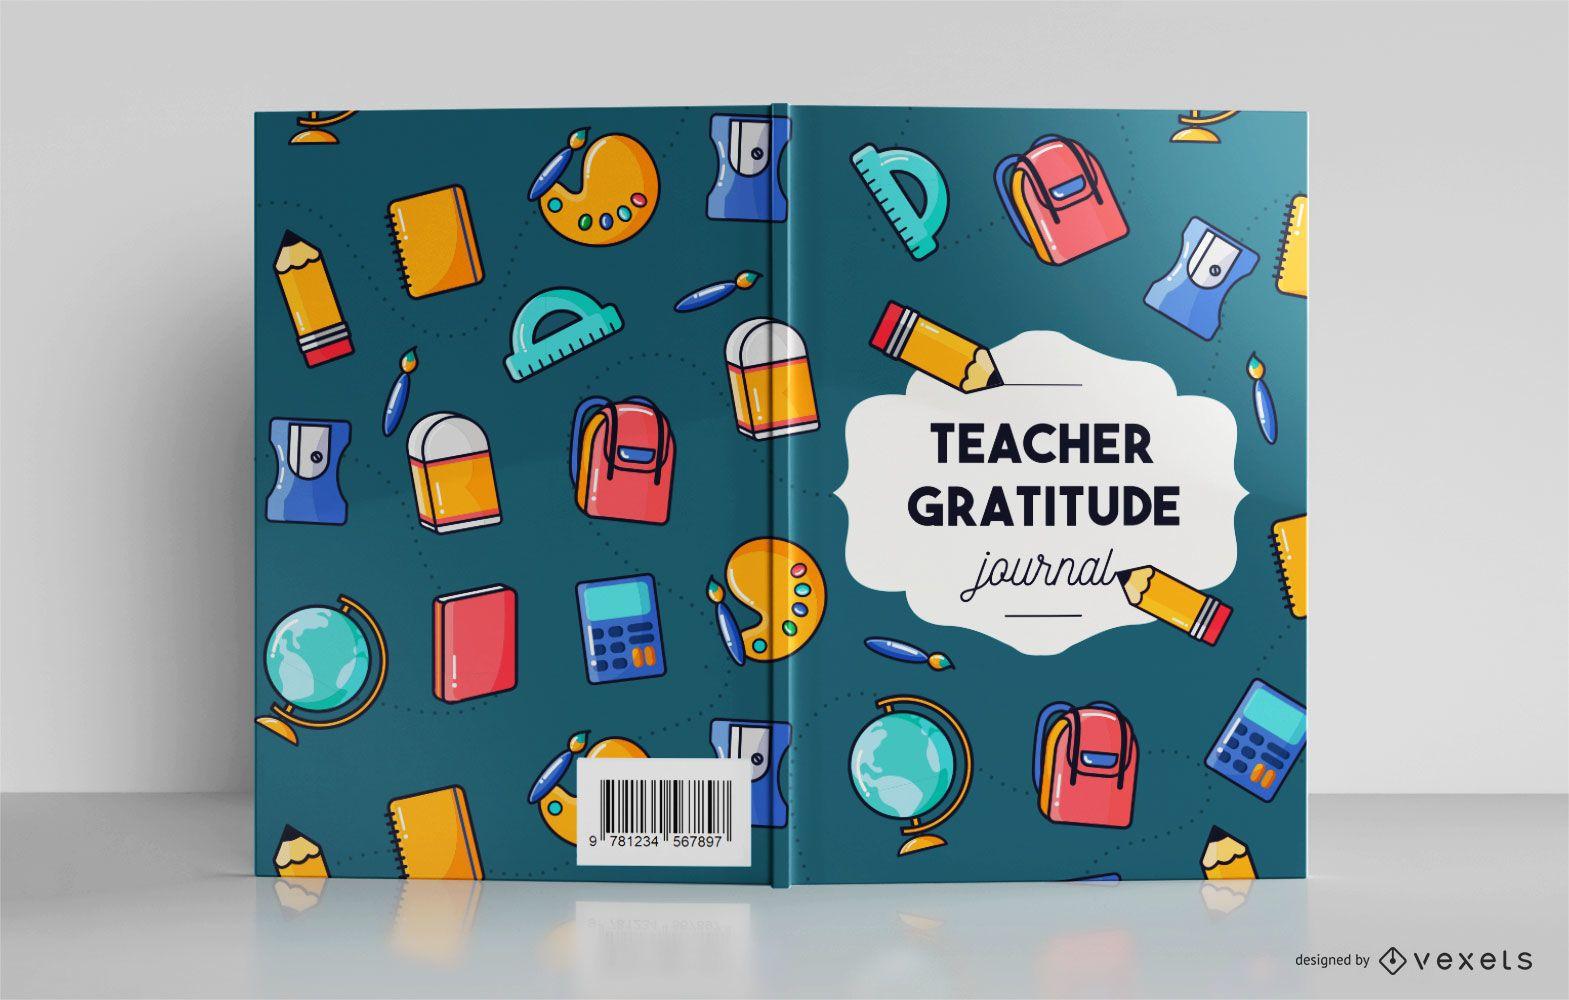 Diseño de portada de diario de gratitud de maestro de escuela